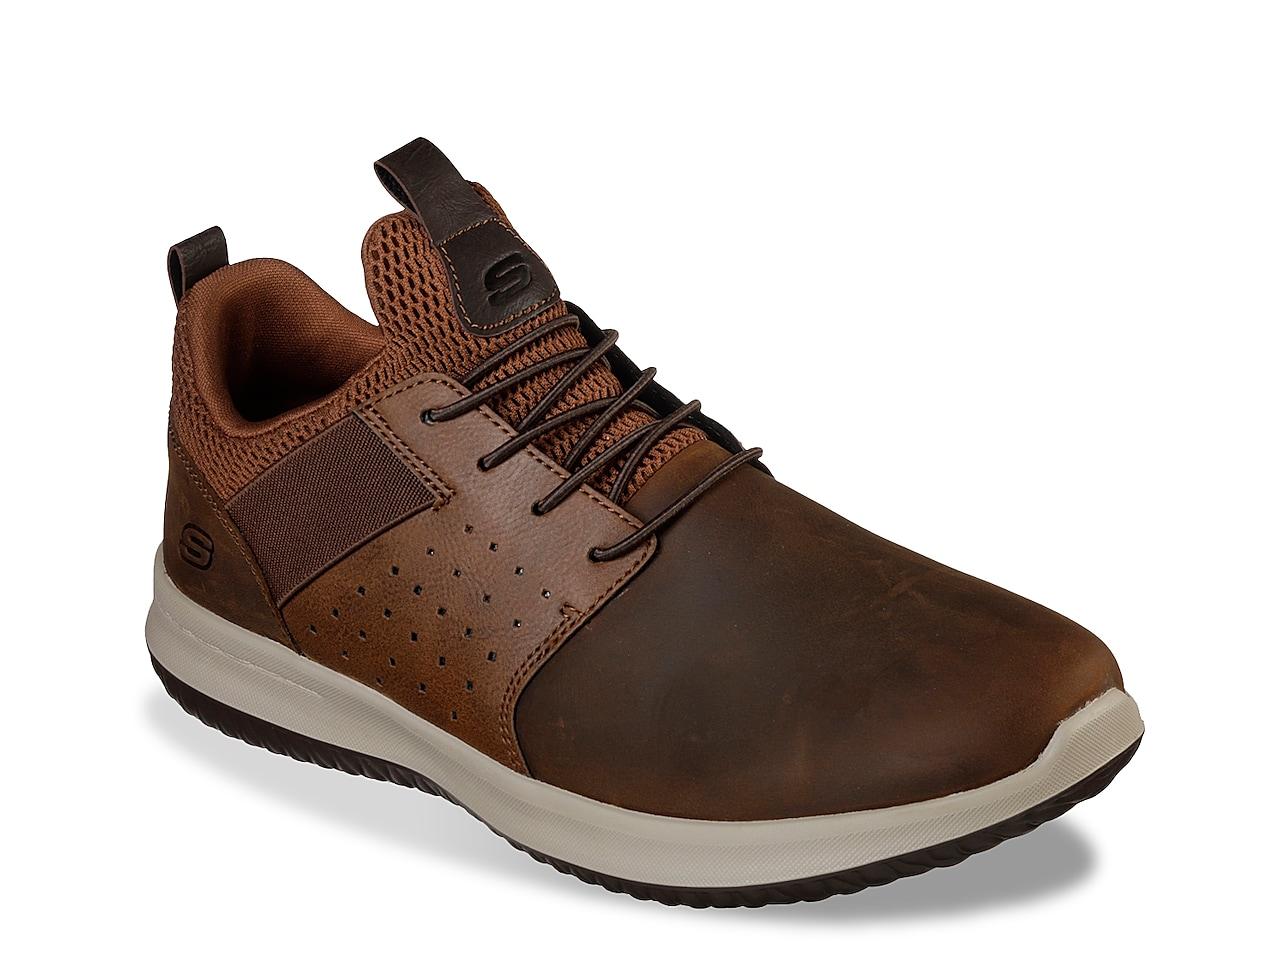 Skechers Delson Axton Sneaker